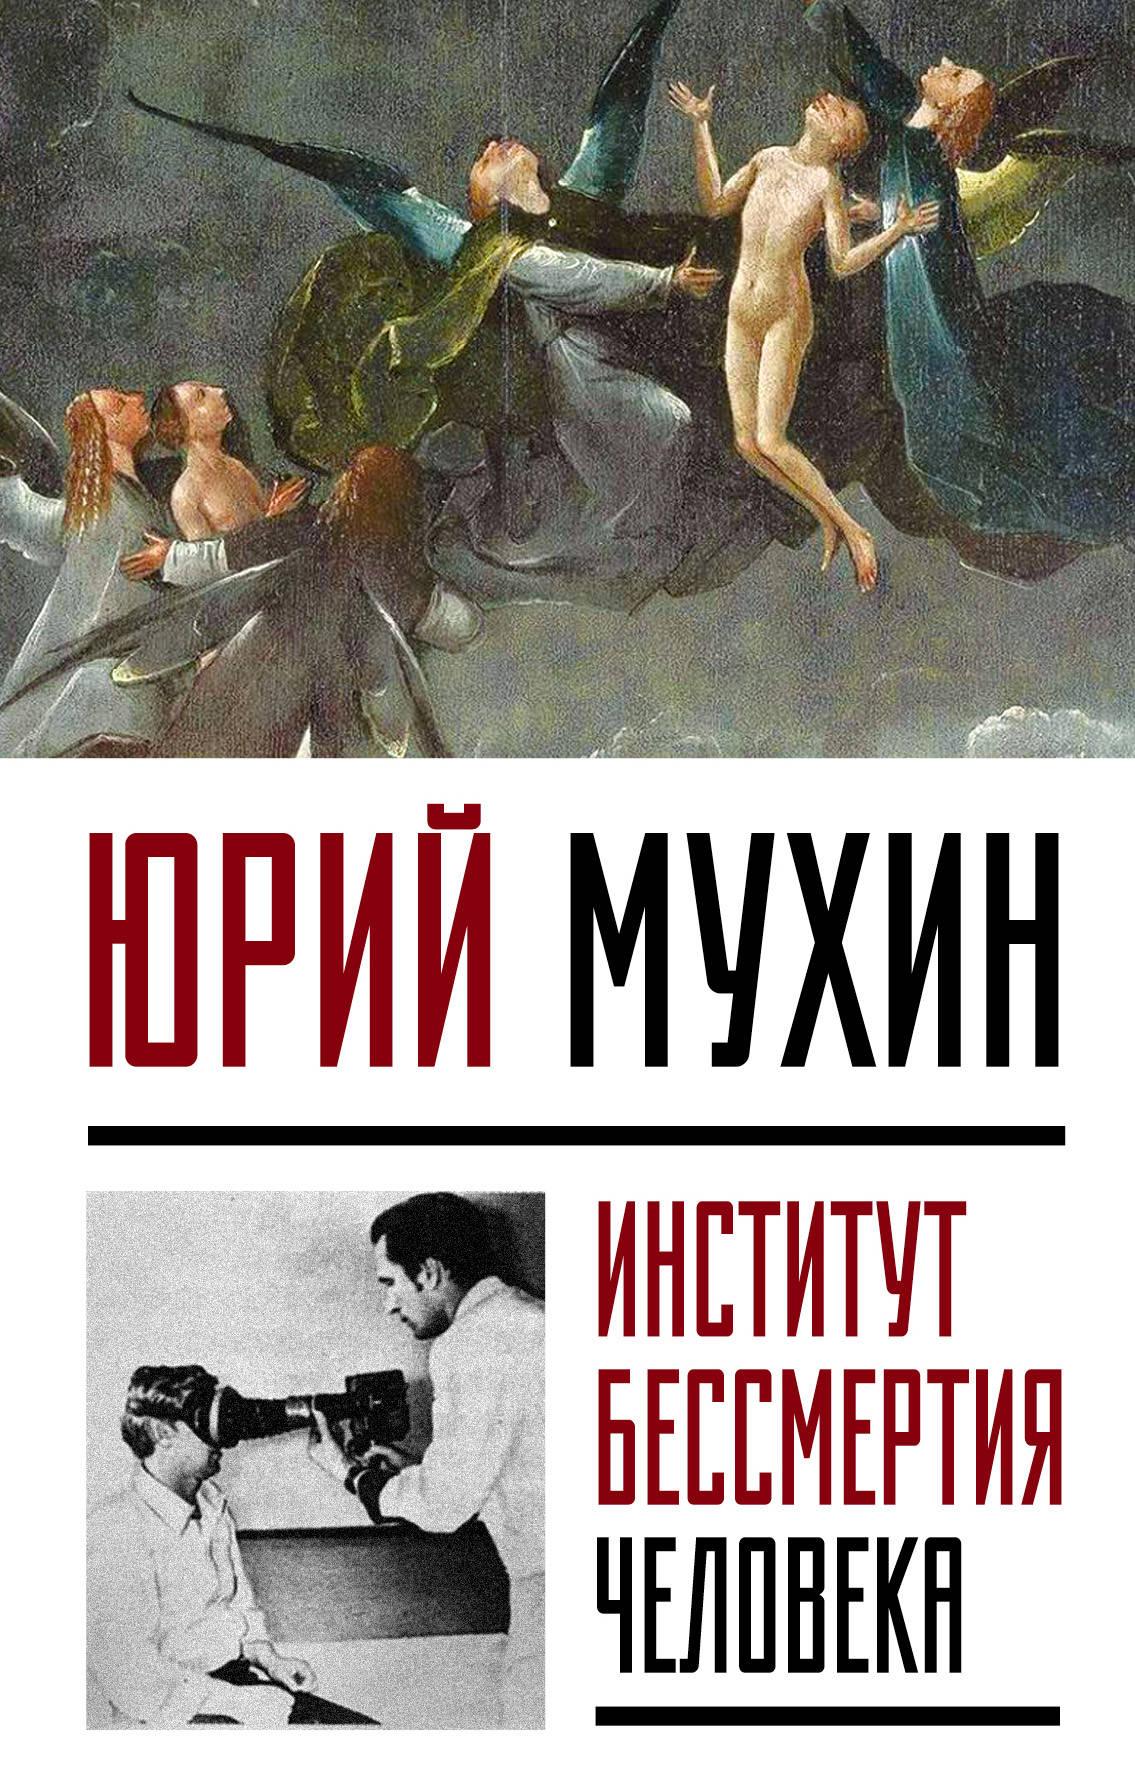 Мухин Юрий Игнатьевич Институт Бессмертия Человека